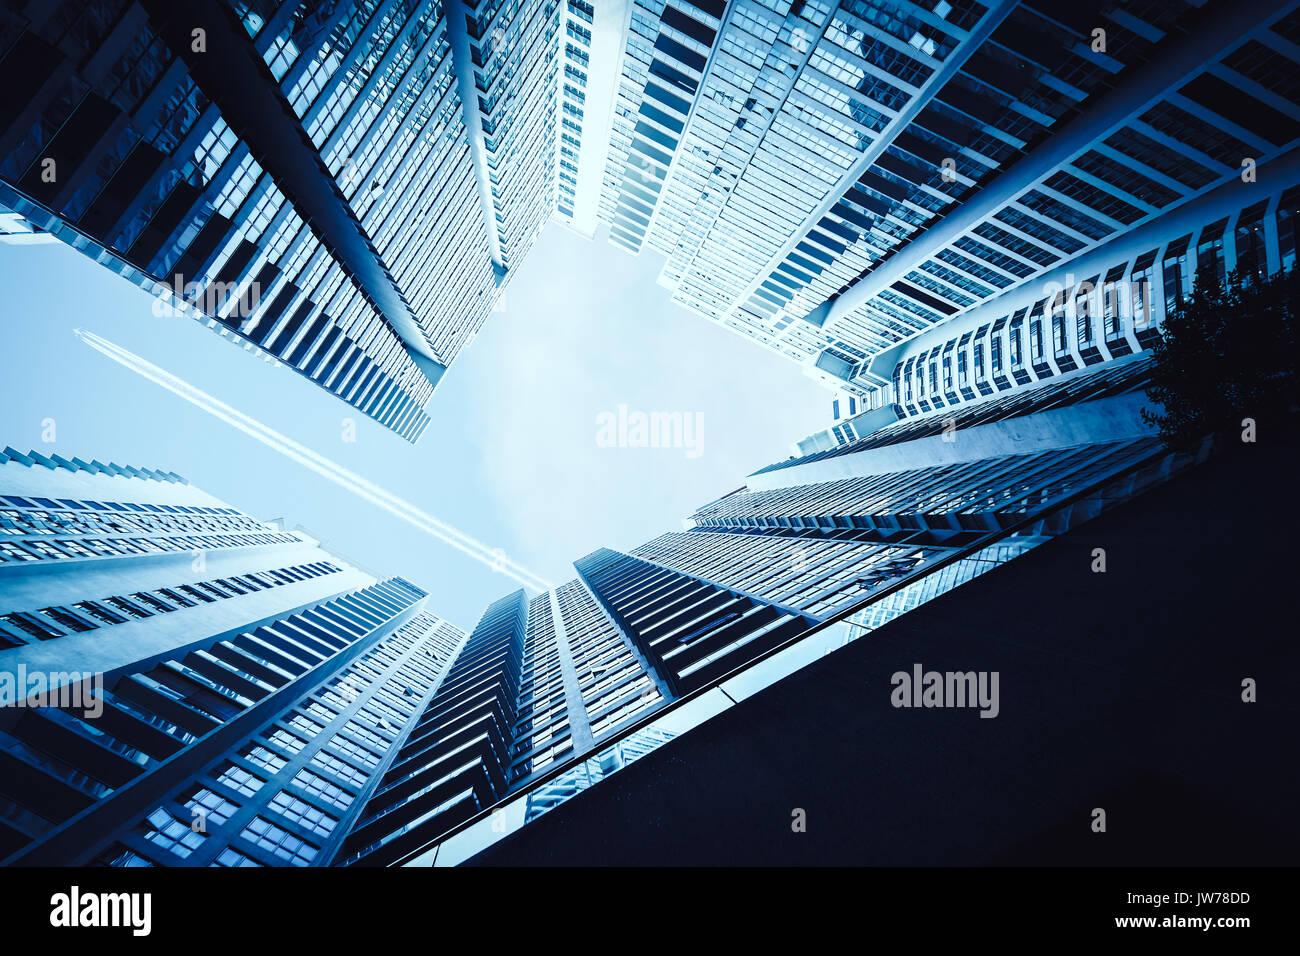 Flugzeug Kondensstreifen gegen den klaren, blauen Himmel mit abstrakten Low Angle View gemeinsamer moderne Büro Wolkenkratzer. Stockbild